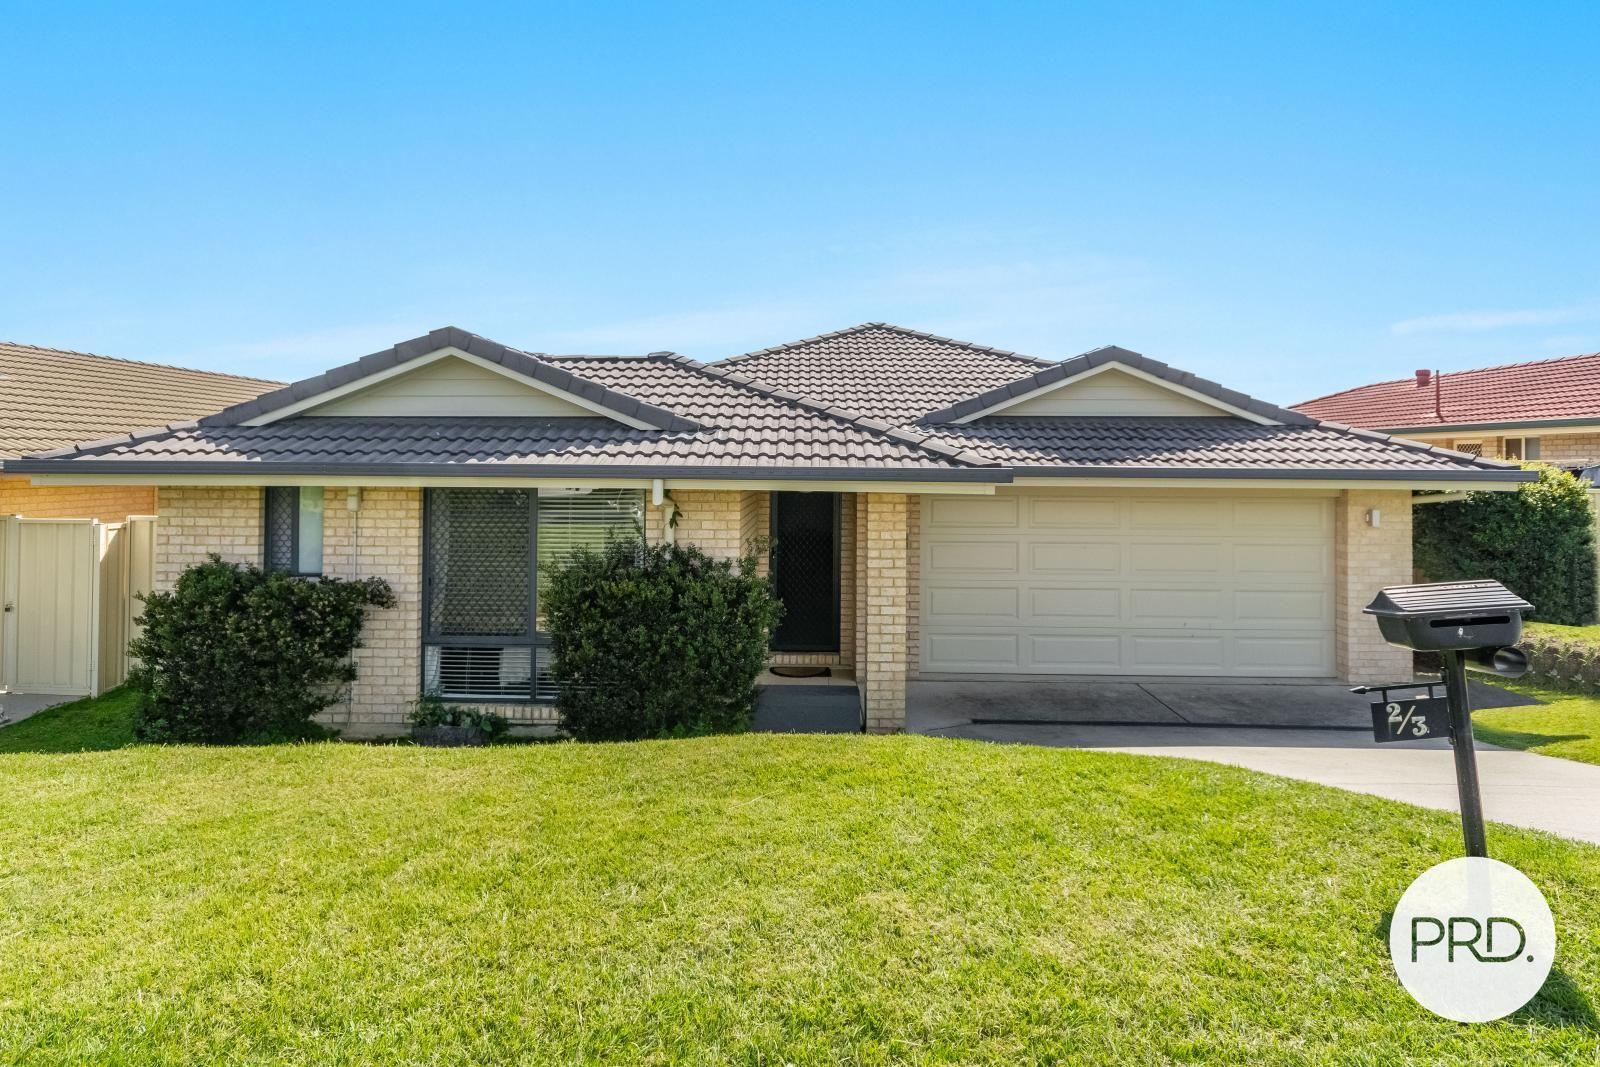 2/3 Shoesmith Close, Casino NSW 2470, Image 0